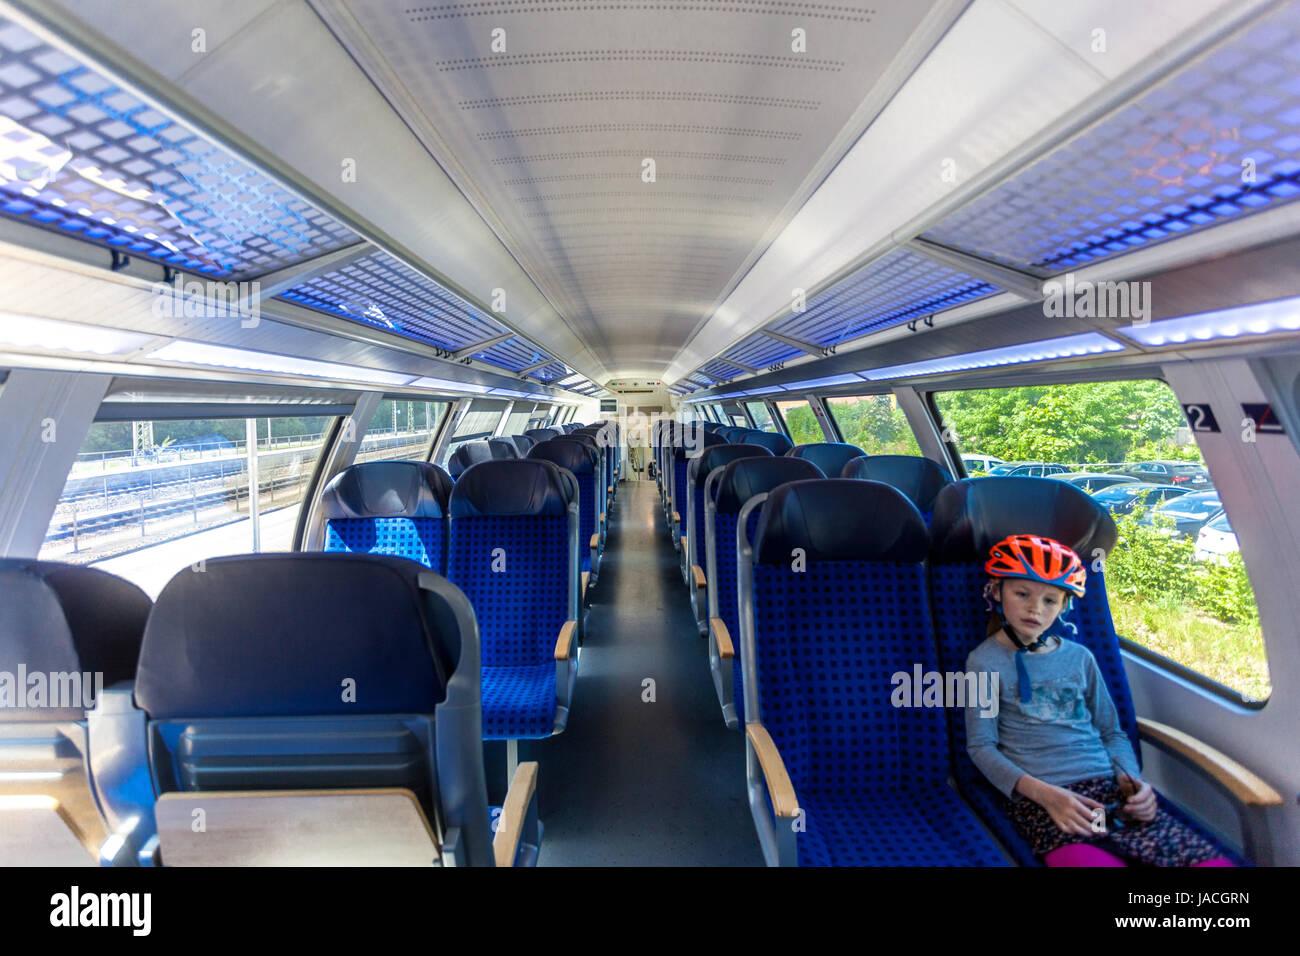 Regionalzug, Mädchen im Zug, Bahnhof Bad Schandau, Sächsische Schweiz, Deutschland, Europa Stockbild